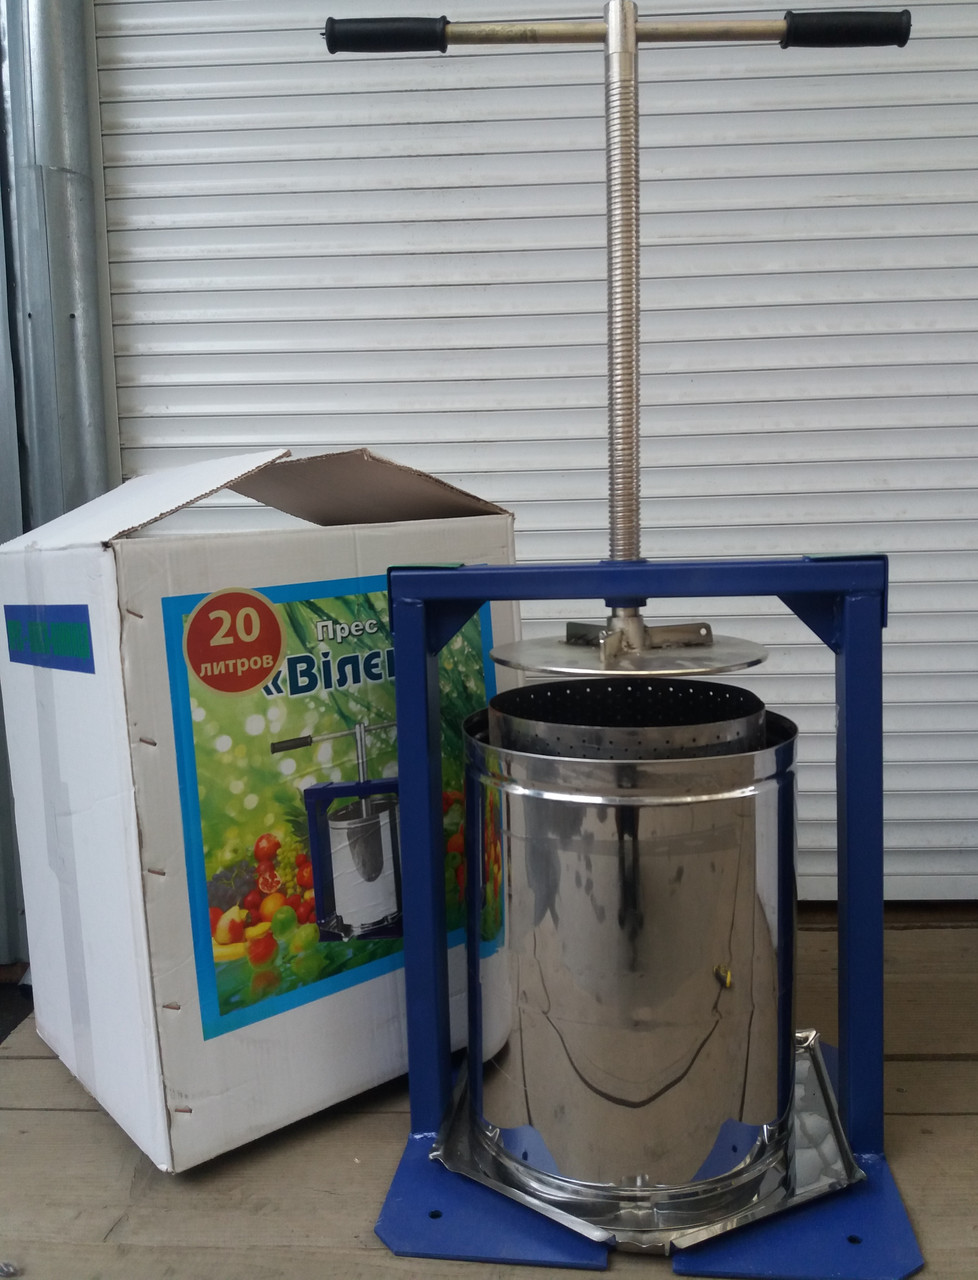 Пресс для сока ручной Вилен 20 л.